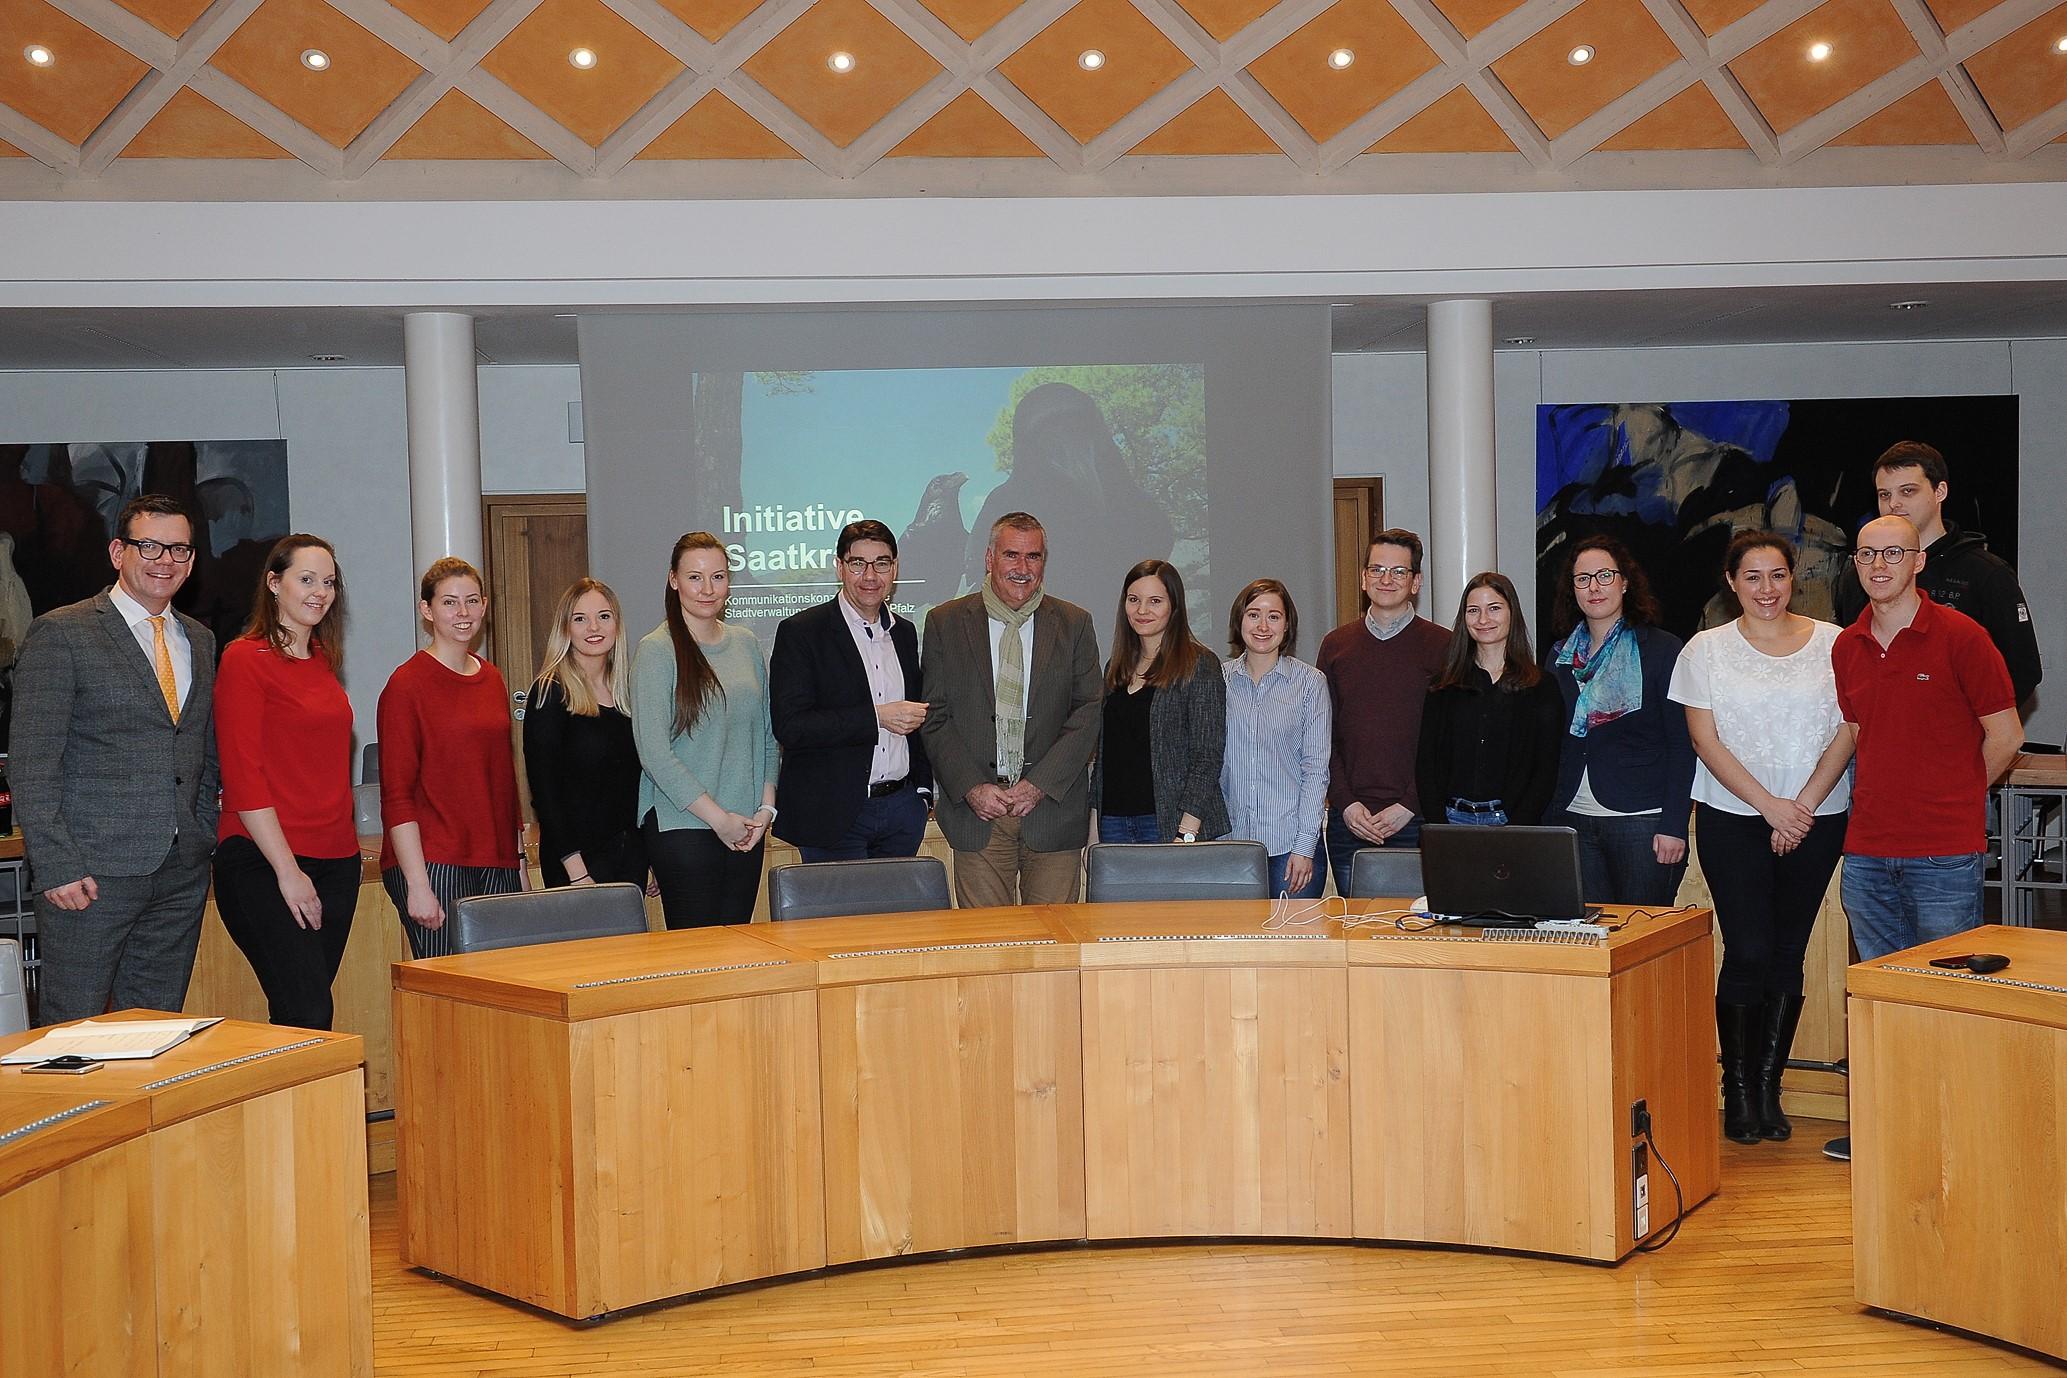 Gruppenfoto im Rathaus